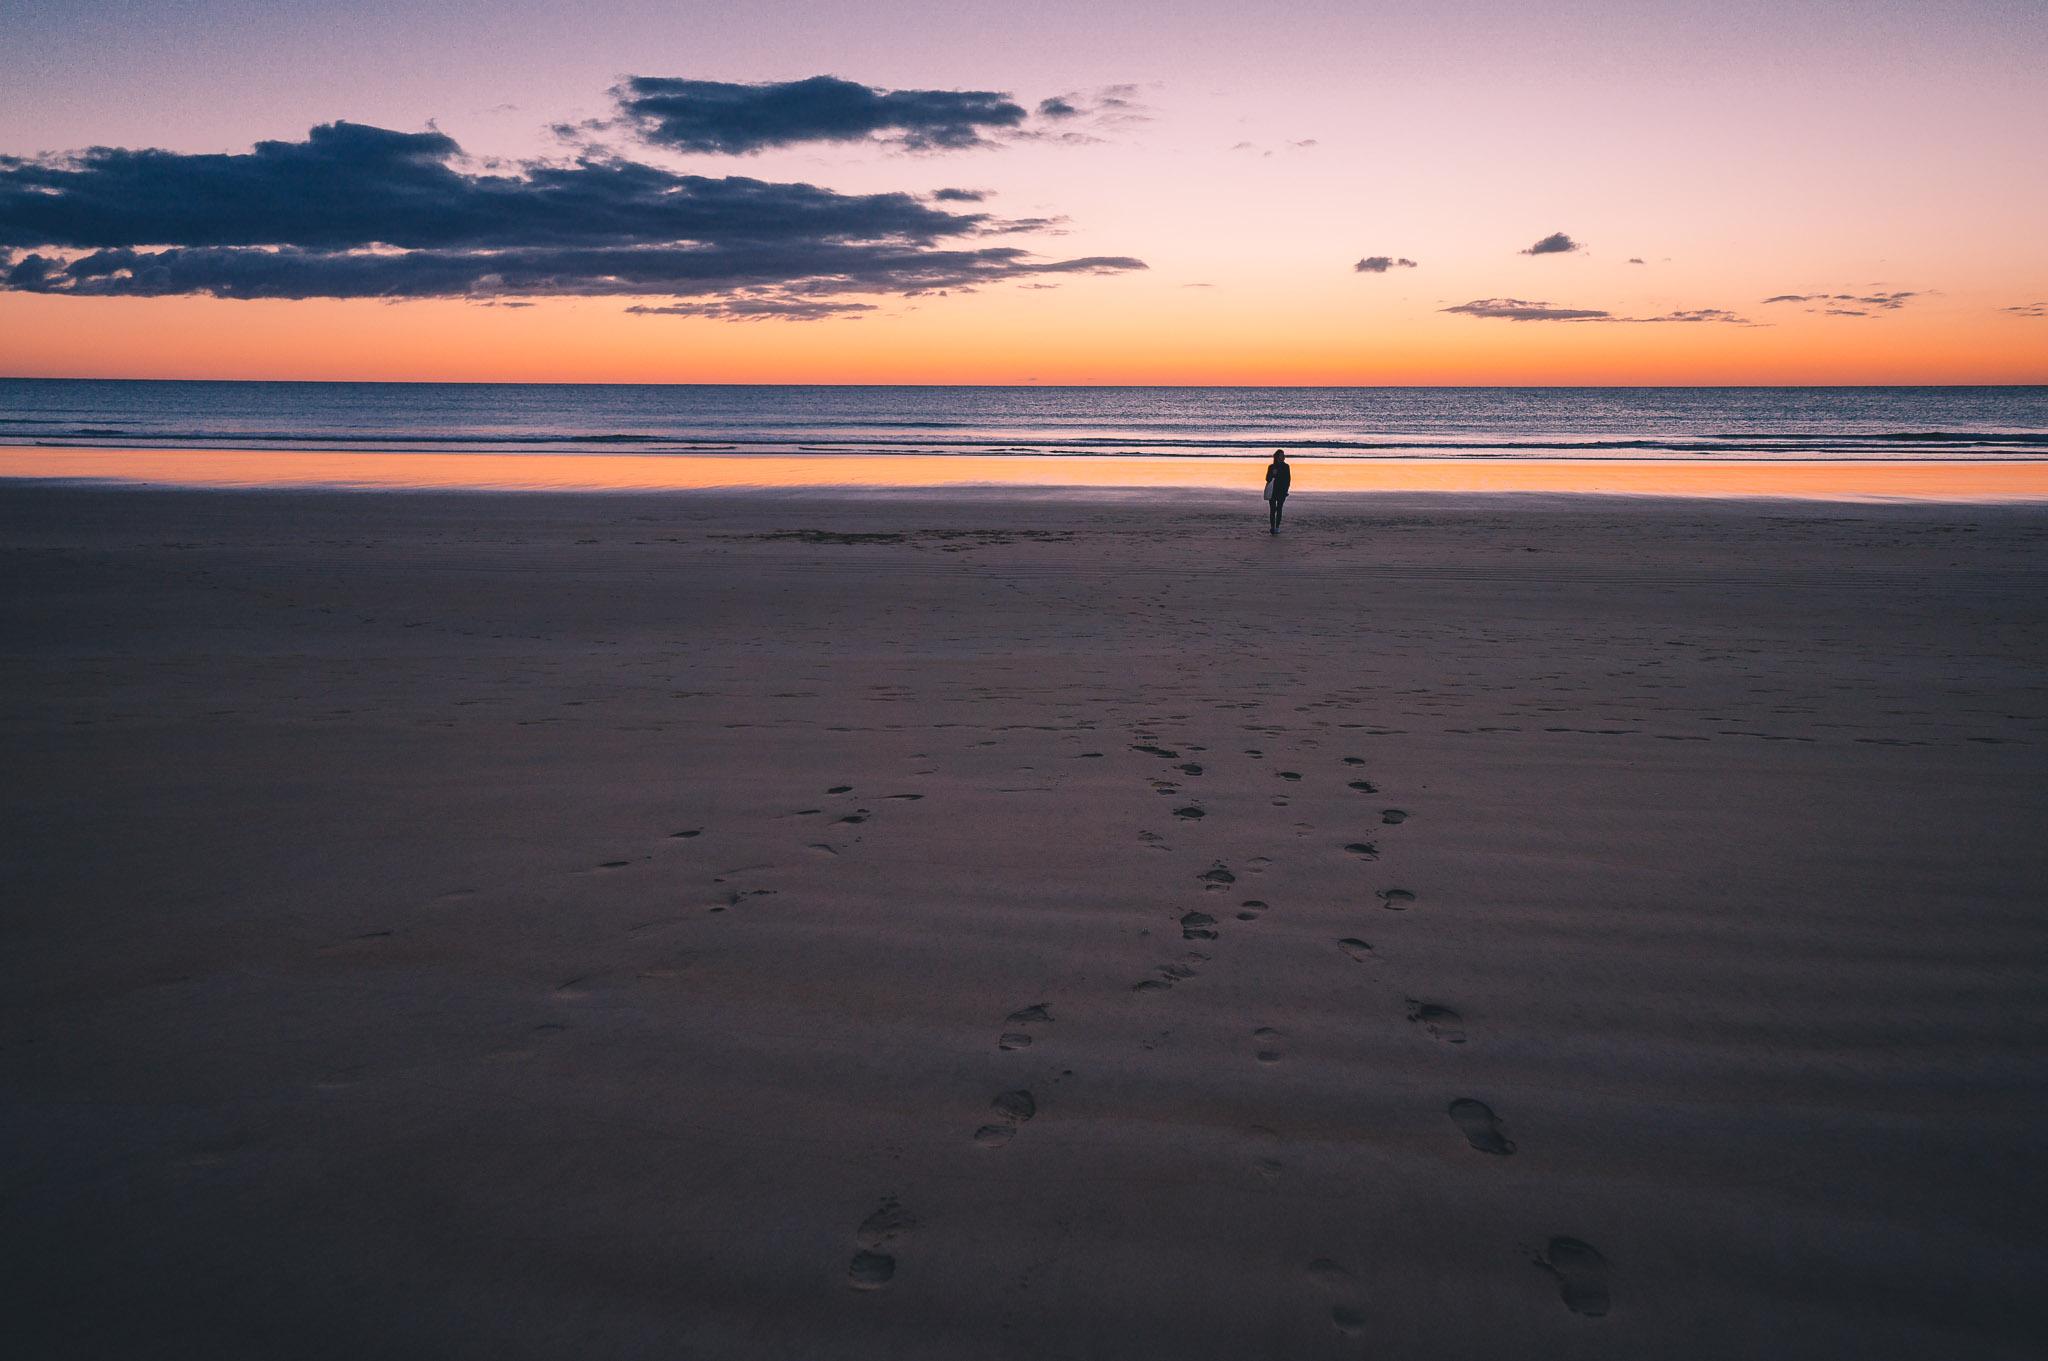 Beach Conil de la Frontera, Andalusia, Spain